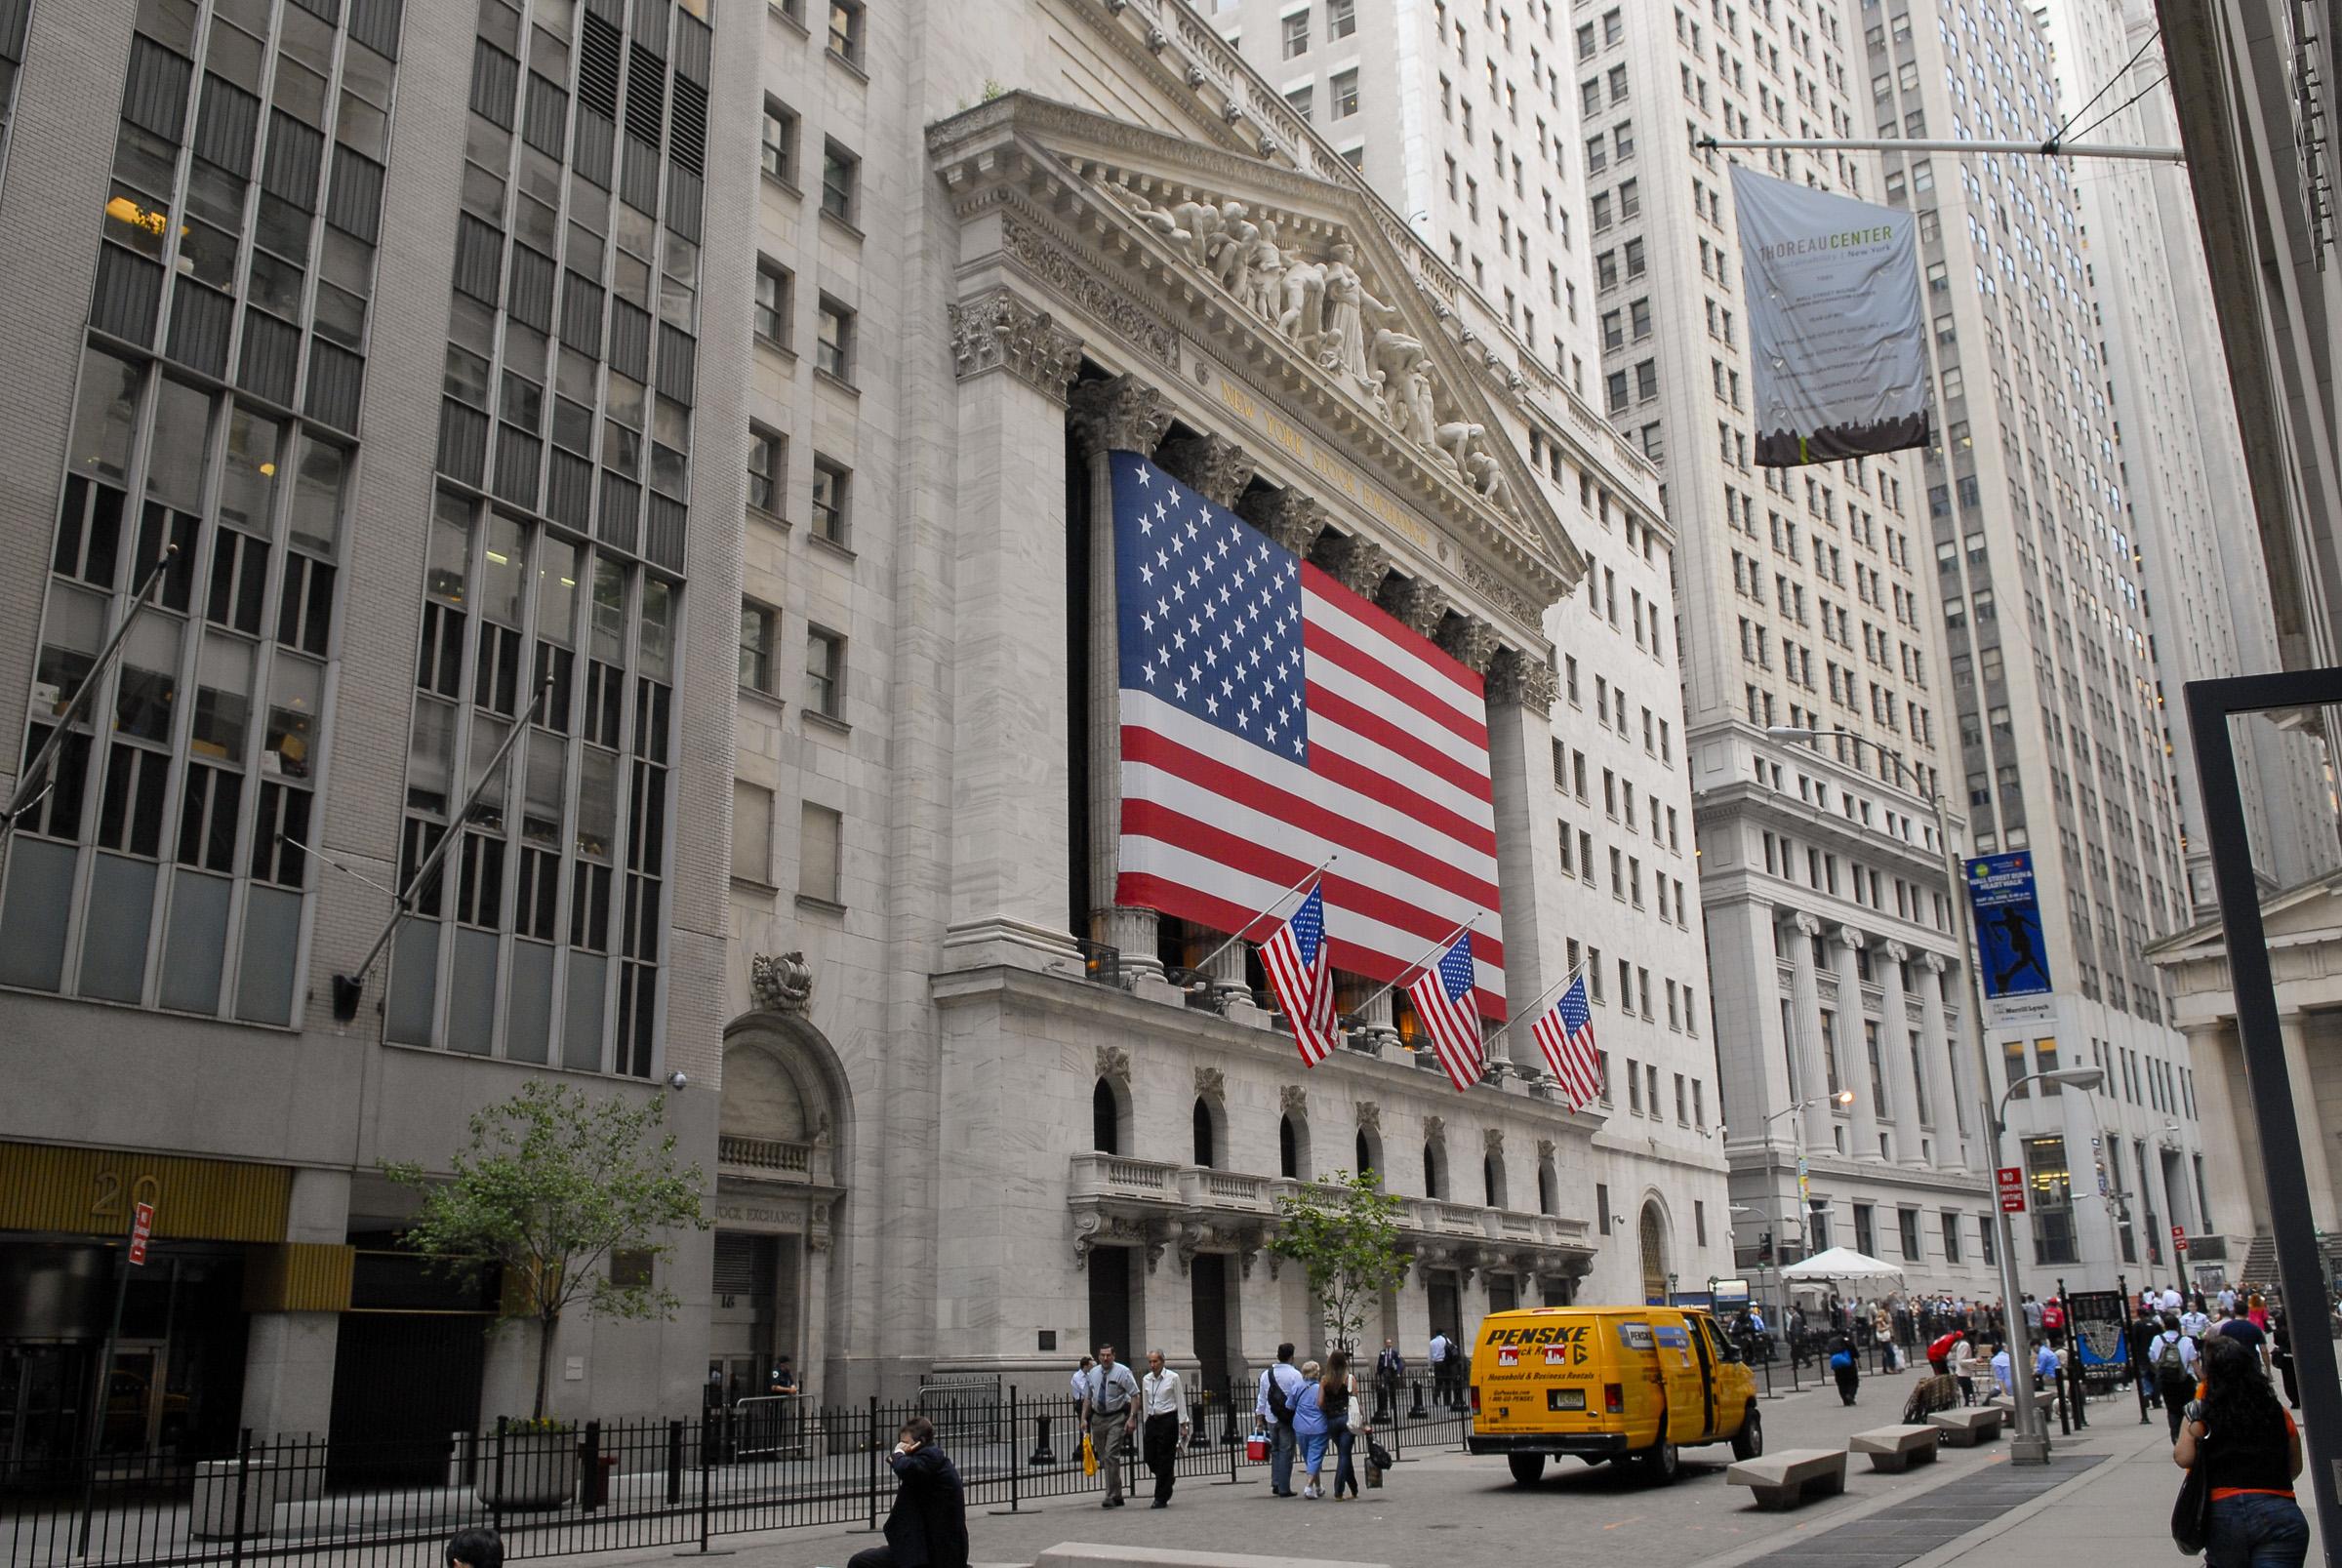 美退休金不投資中企 學者:貿戰或引爆中國金融問題